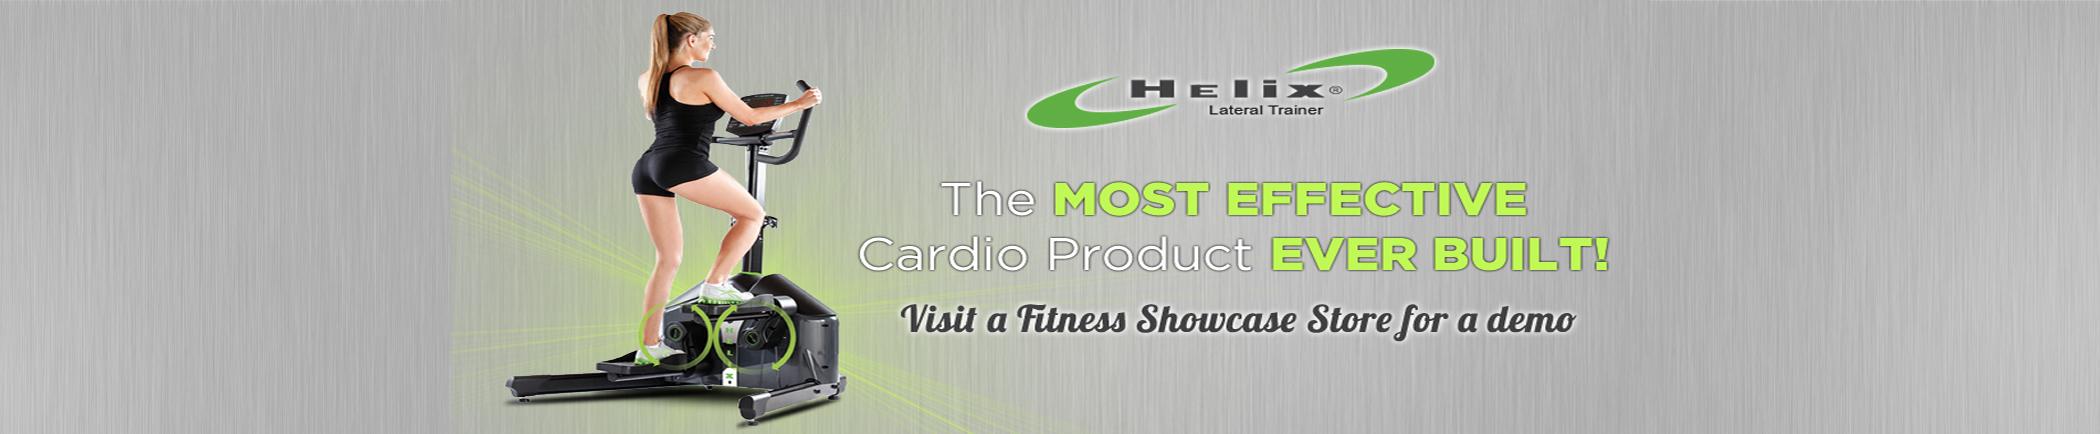 940x434_FitnessShowcaseHELIX